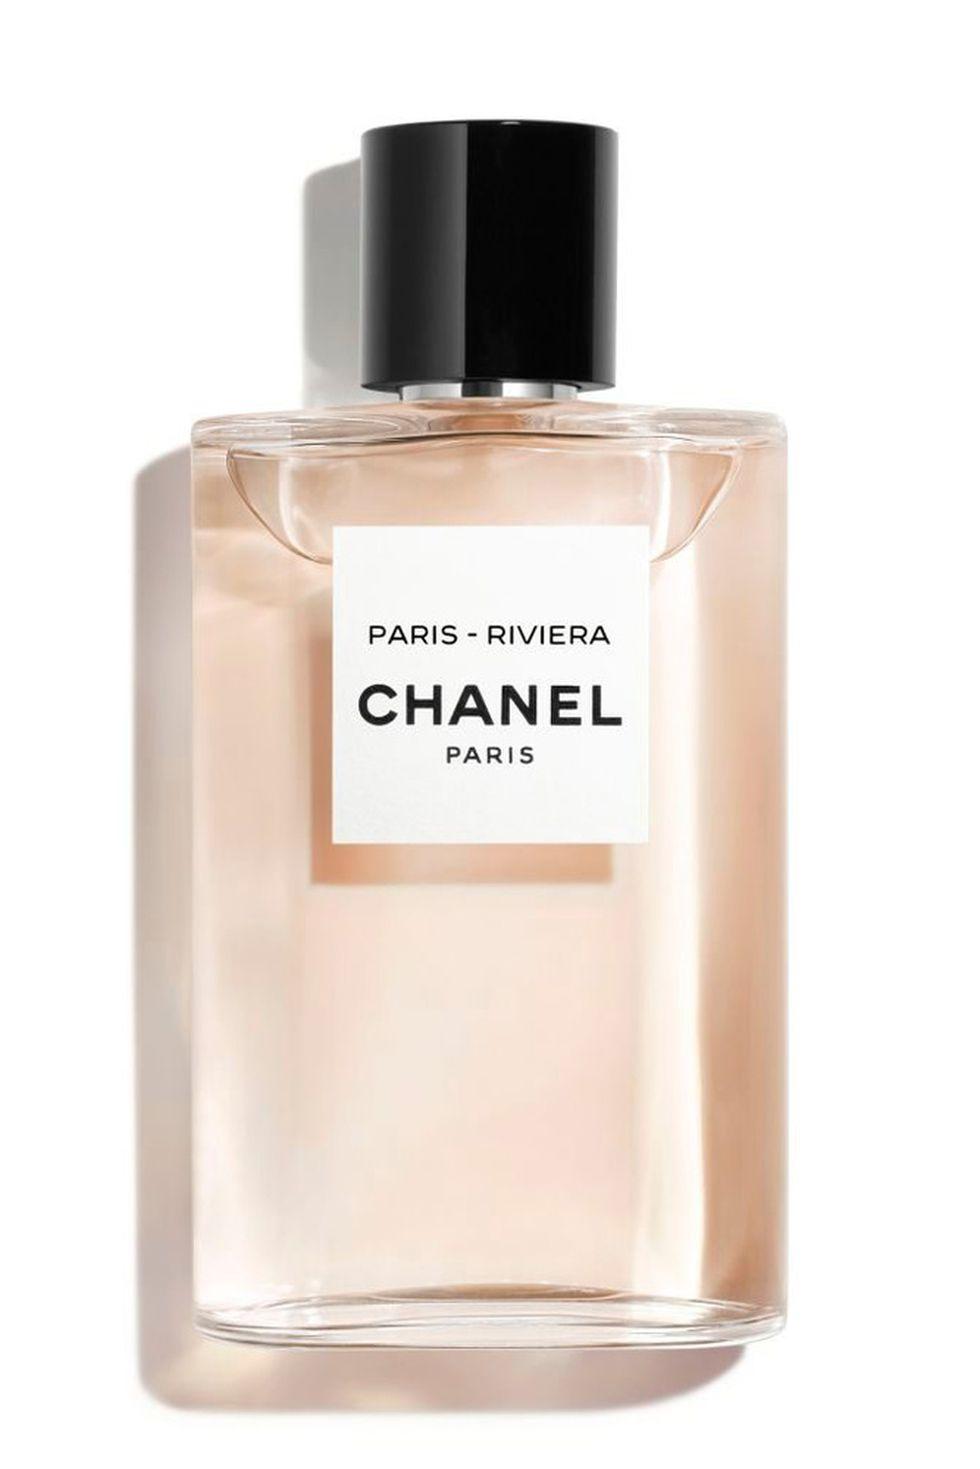 Usarlo te hará sentir como el ícono de la moda, Coco Chanel. (Foto: Chanel)